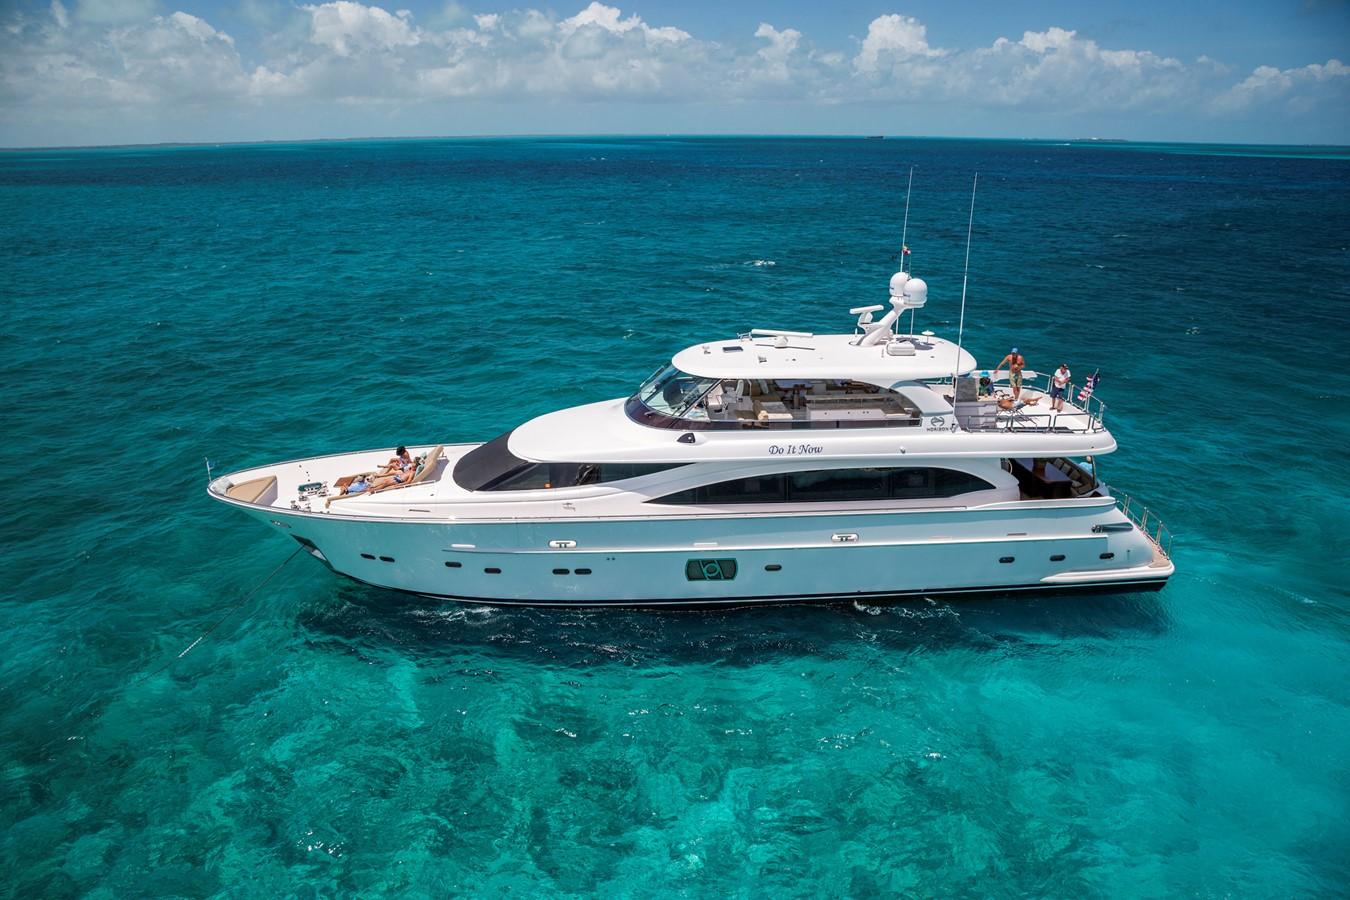 2018 HORIZON E98 (New Spec Boat) For Sale